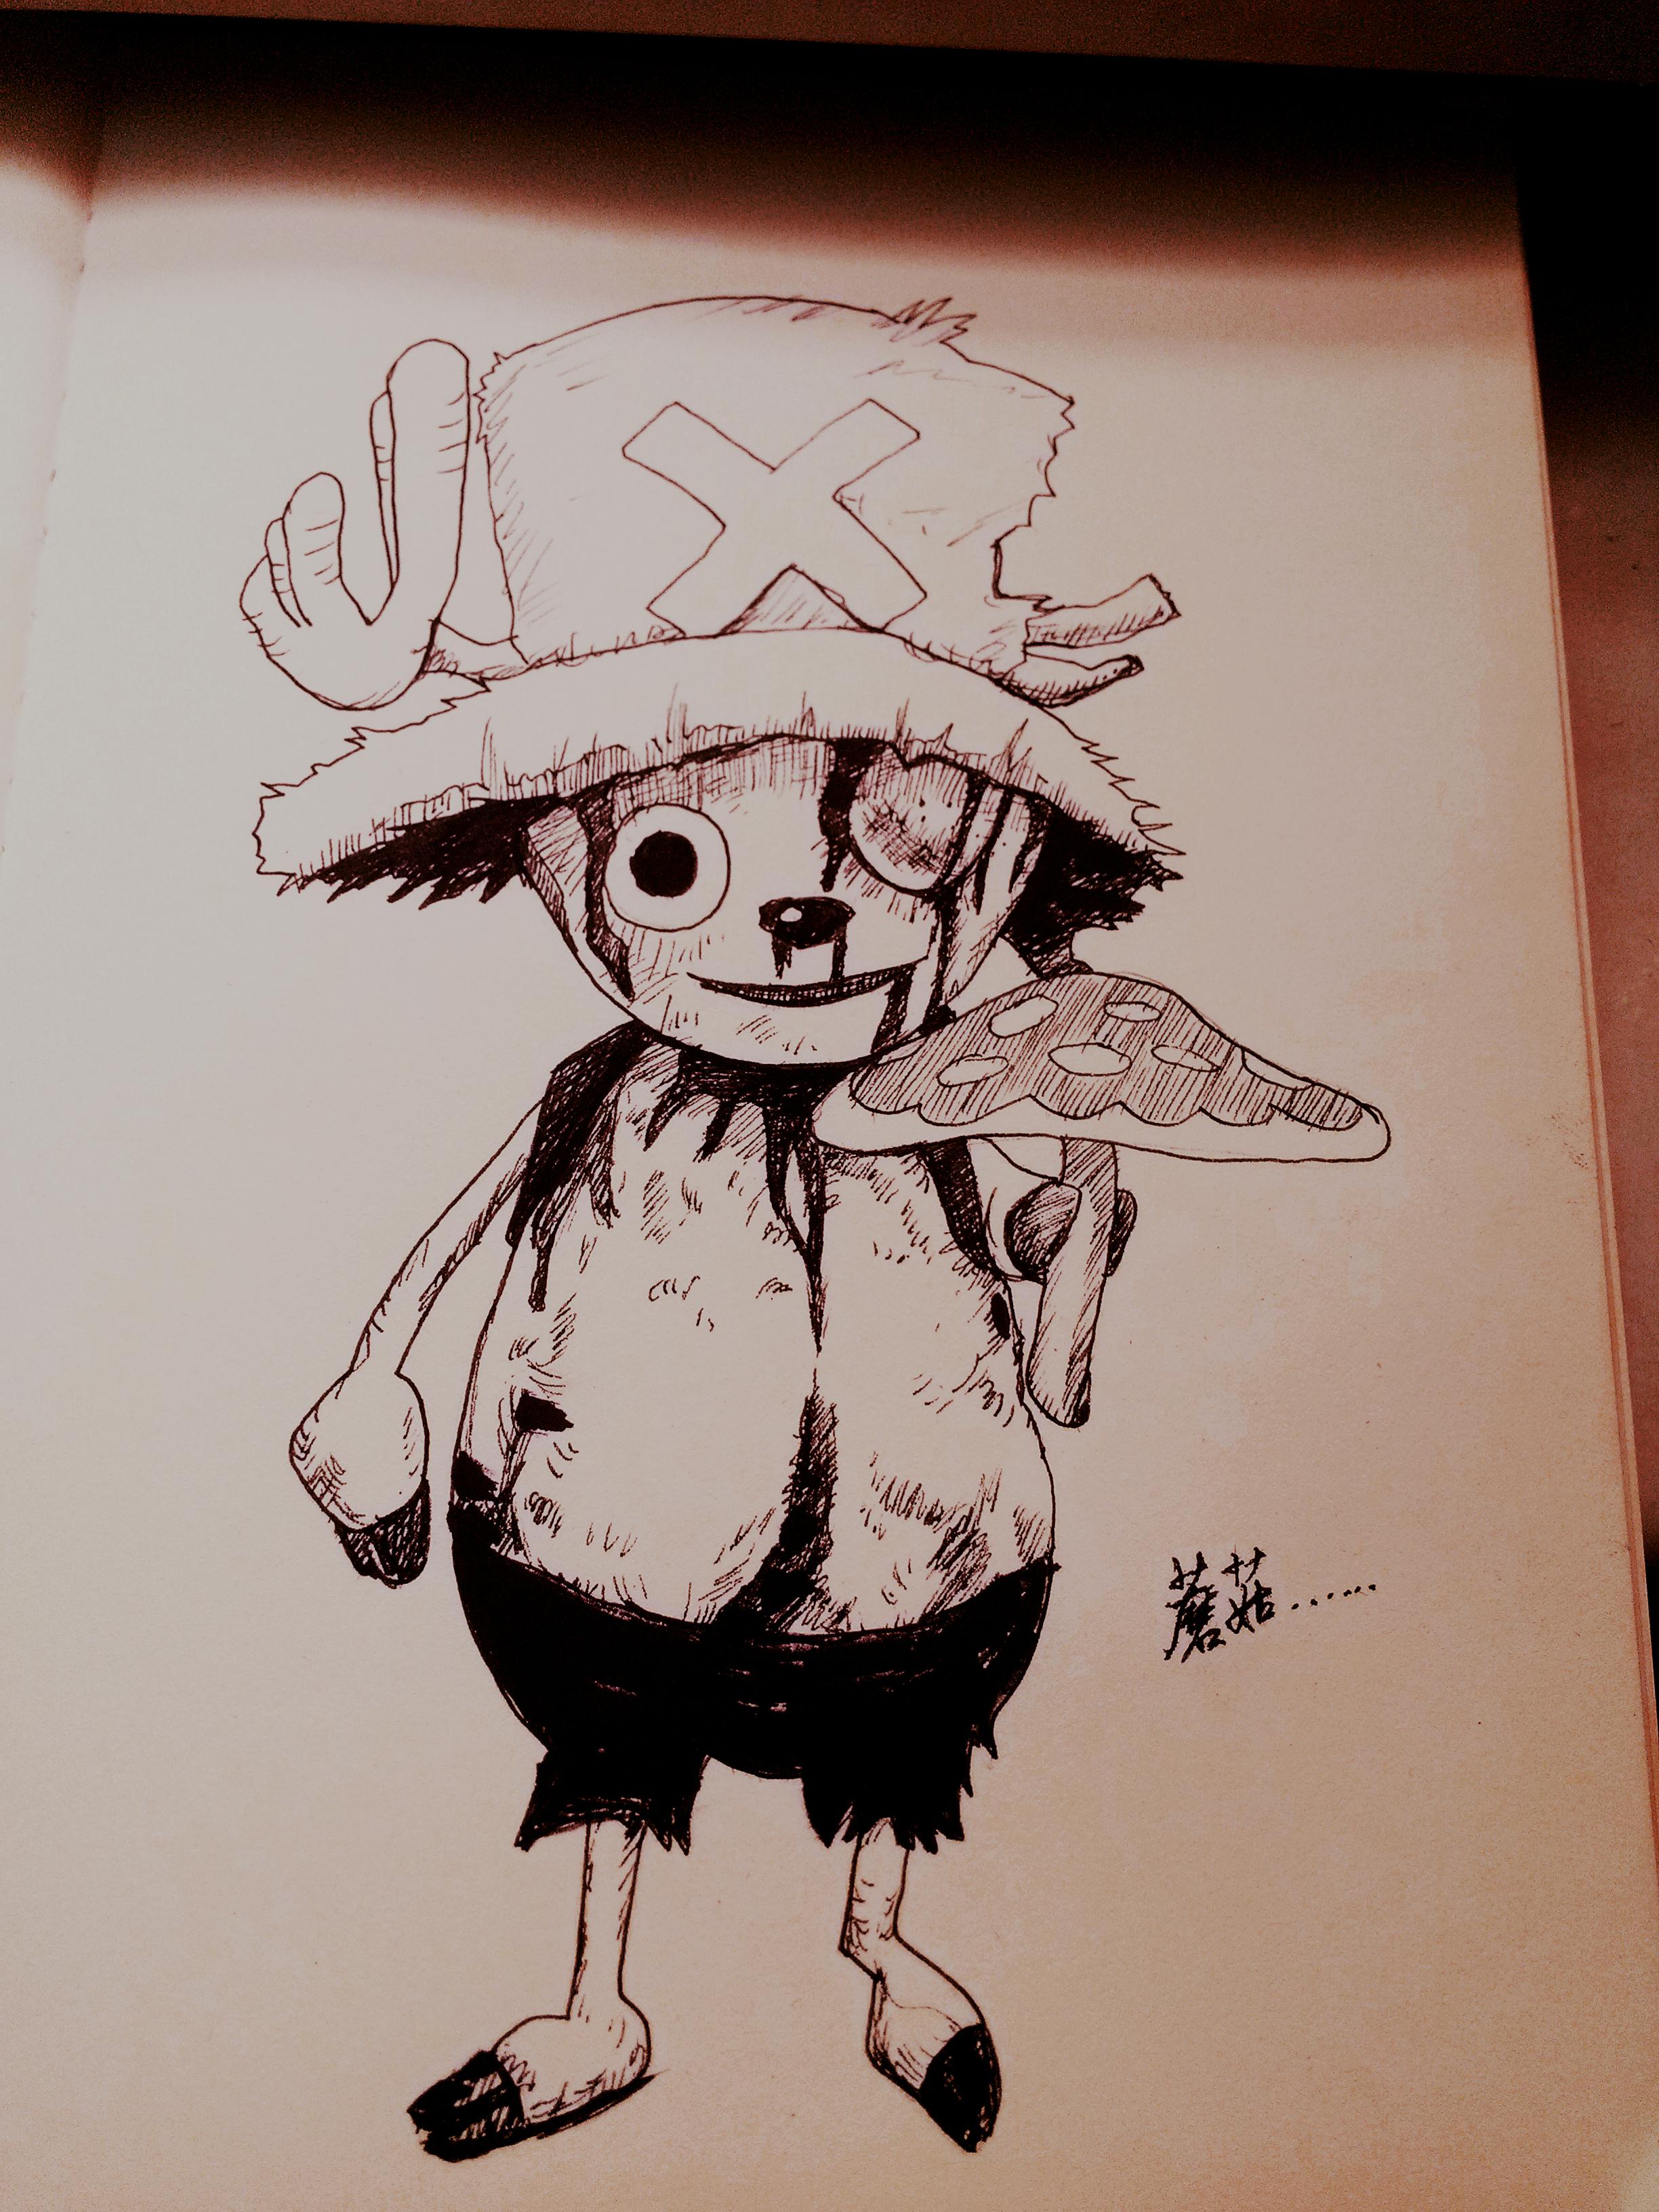 海贼王手绘练习-乔巴